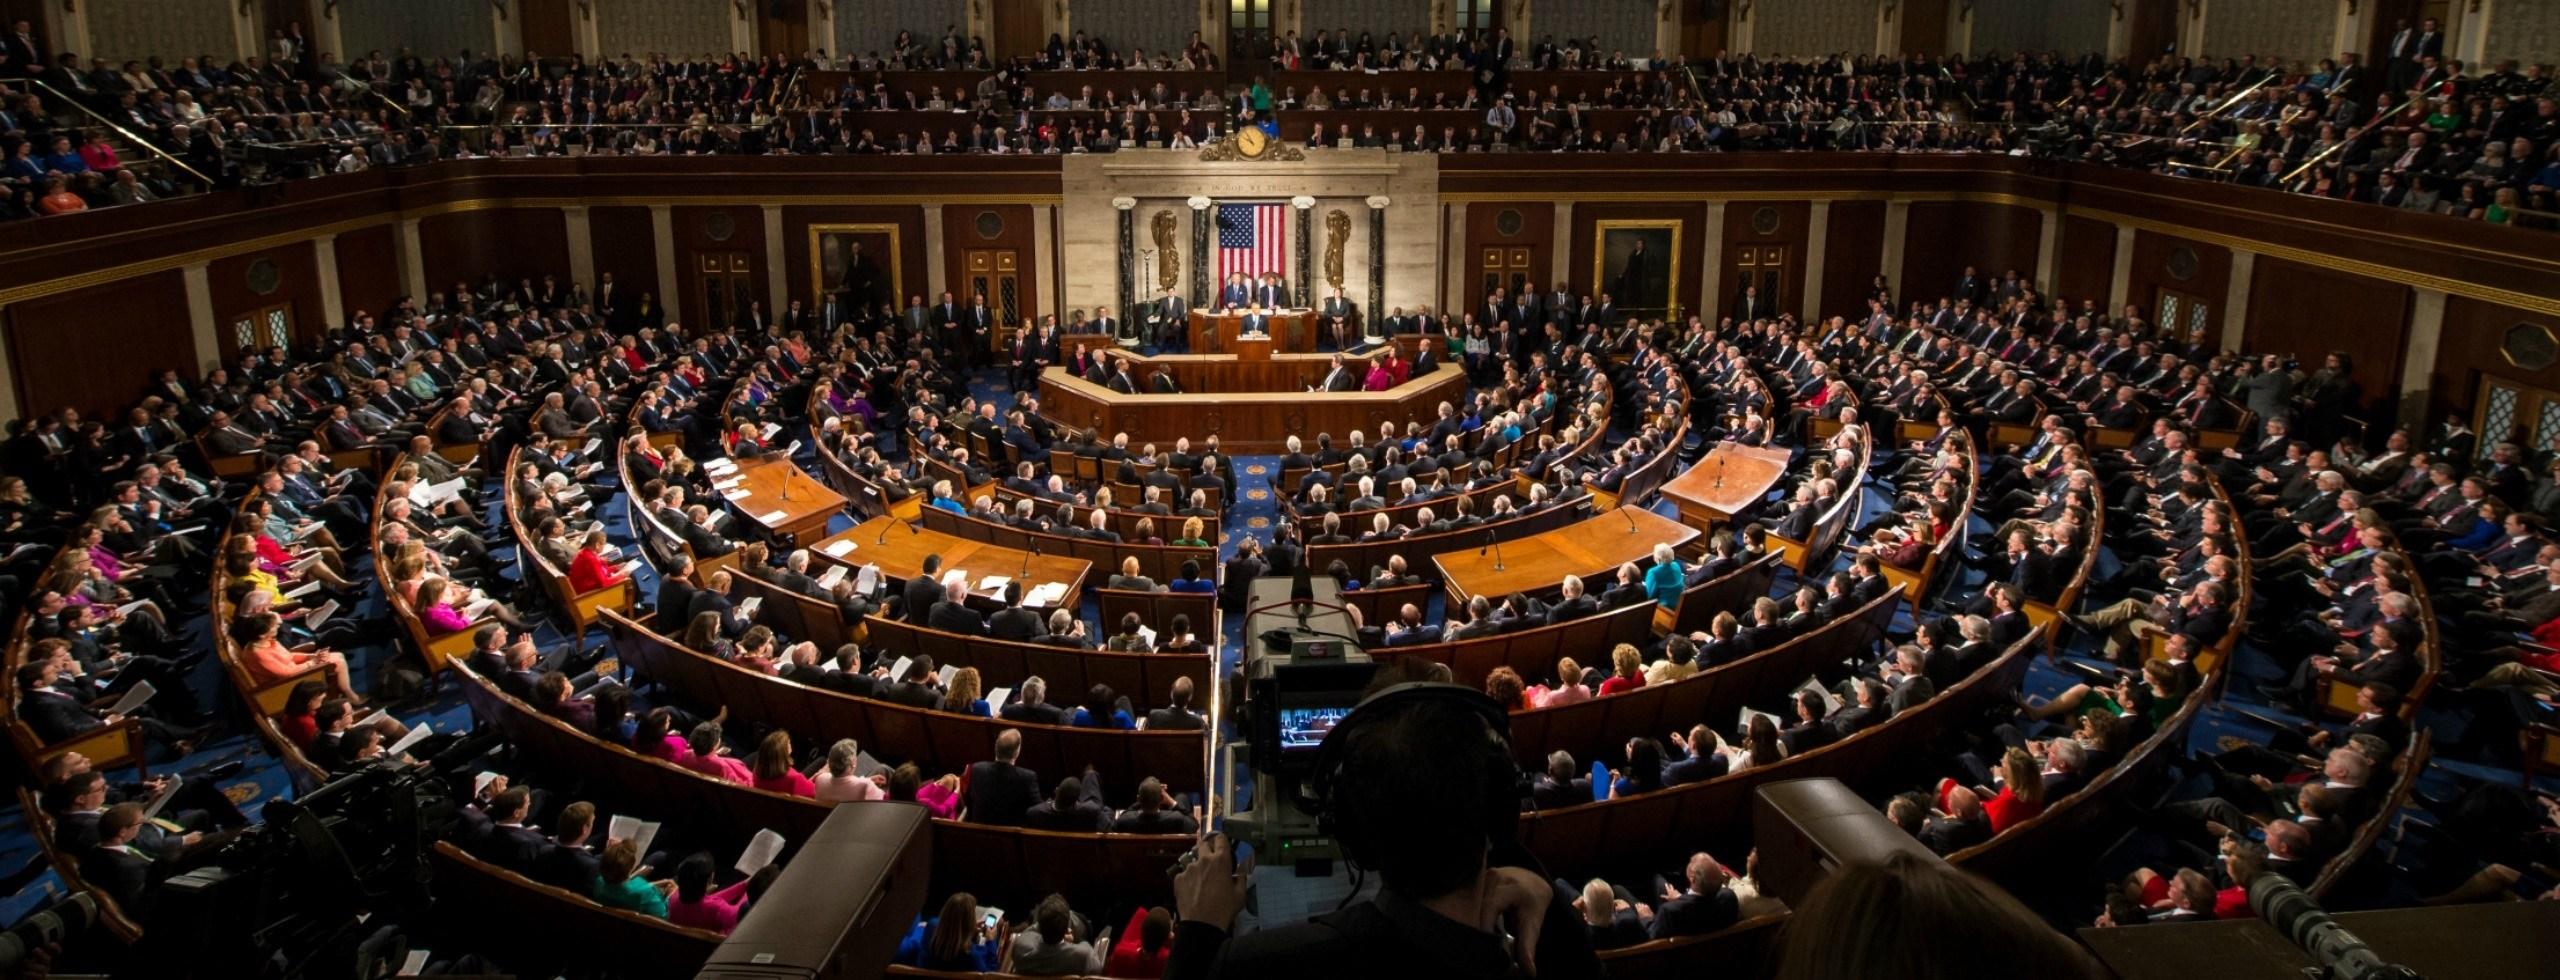 congres-americain-cryptomonnaie